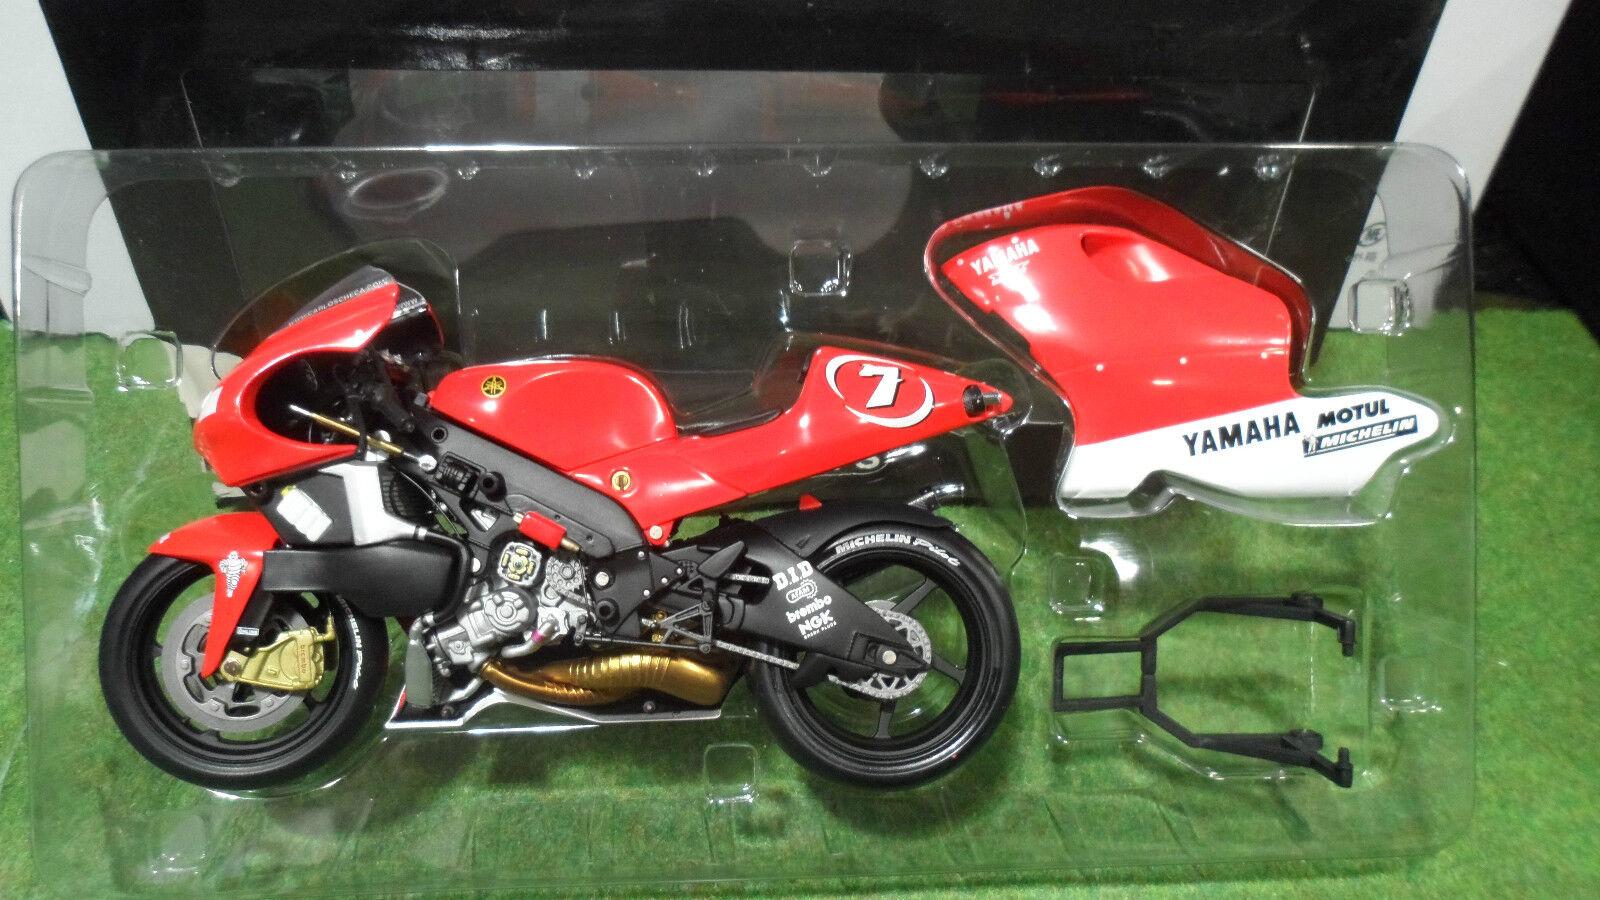 MOTO YAMAHA YZR 500 CHECA  7 de 2001 au 1 12 Minichamps 122016307 miniature